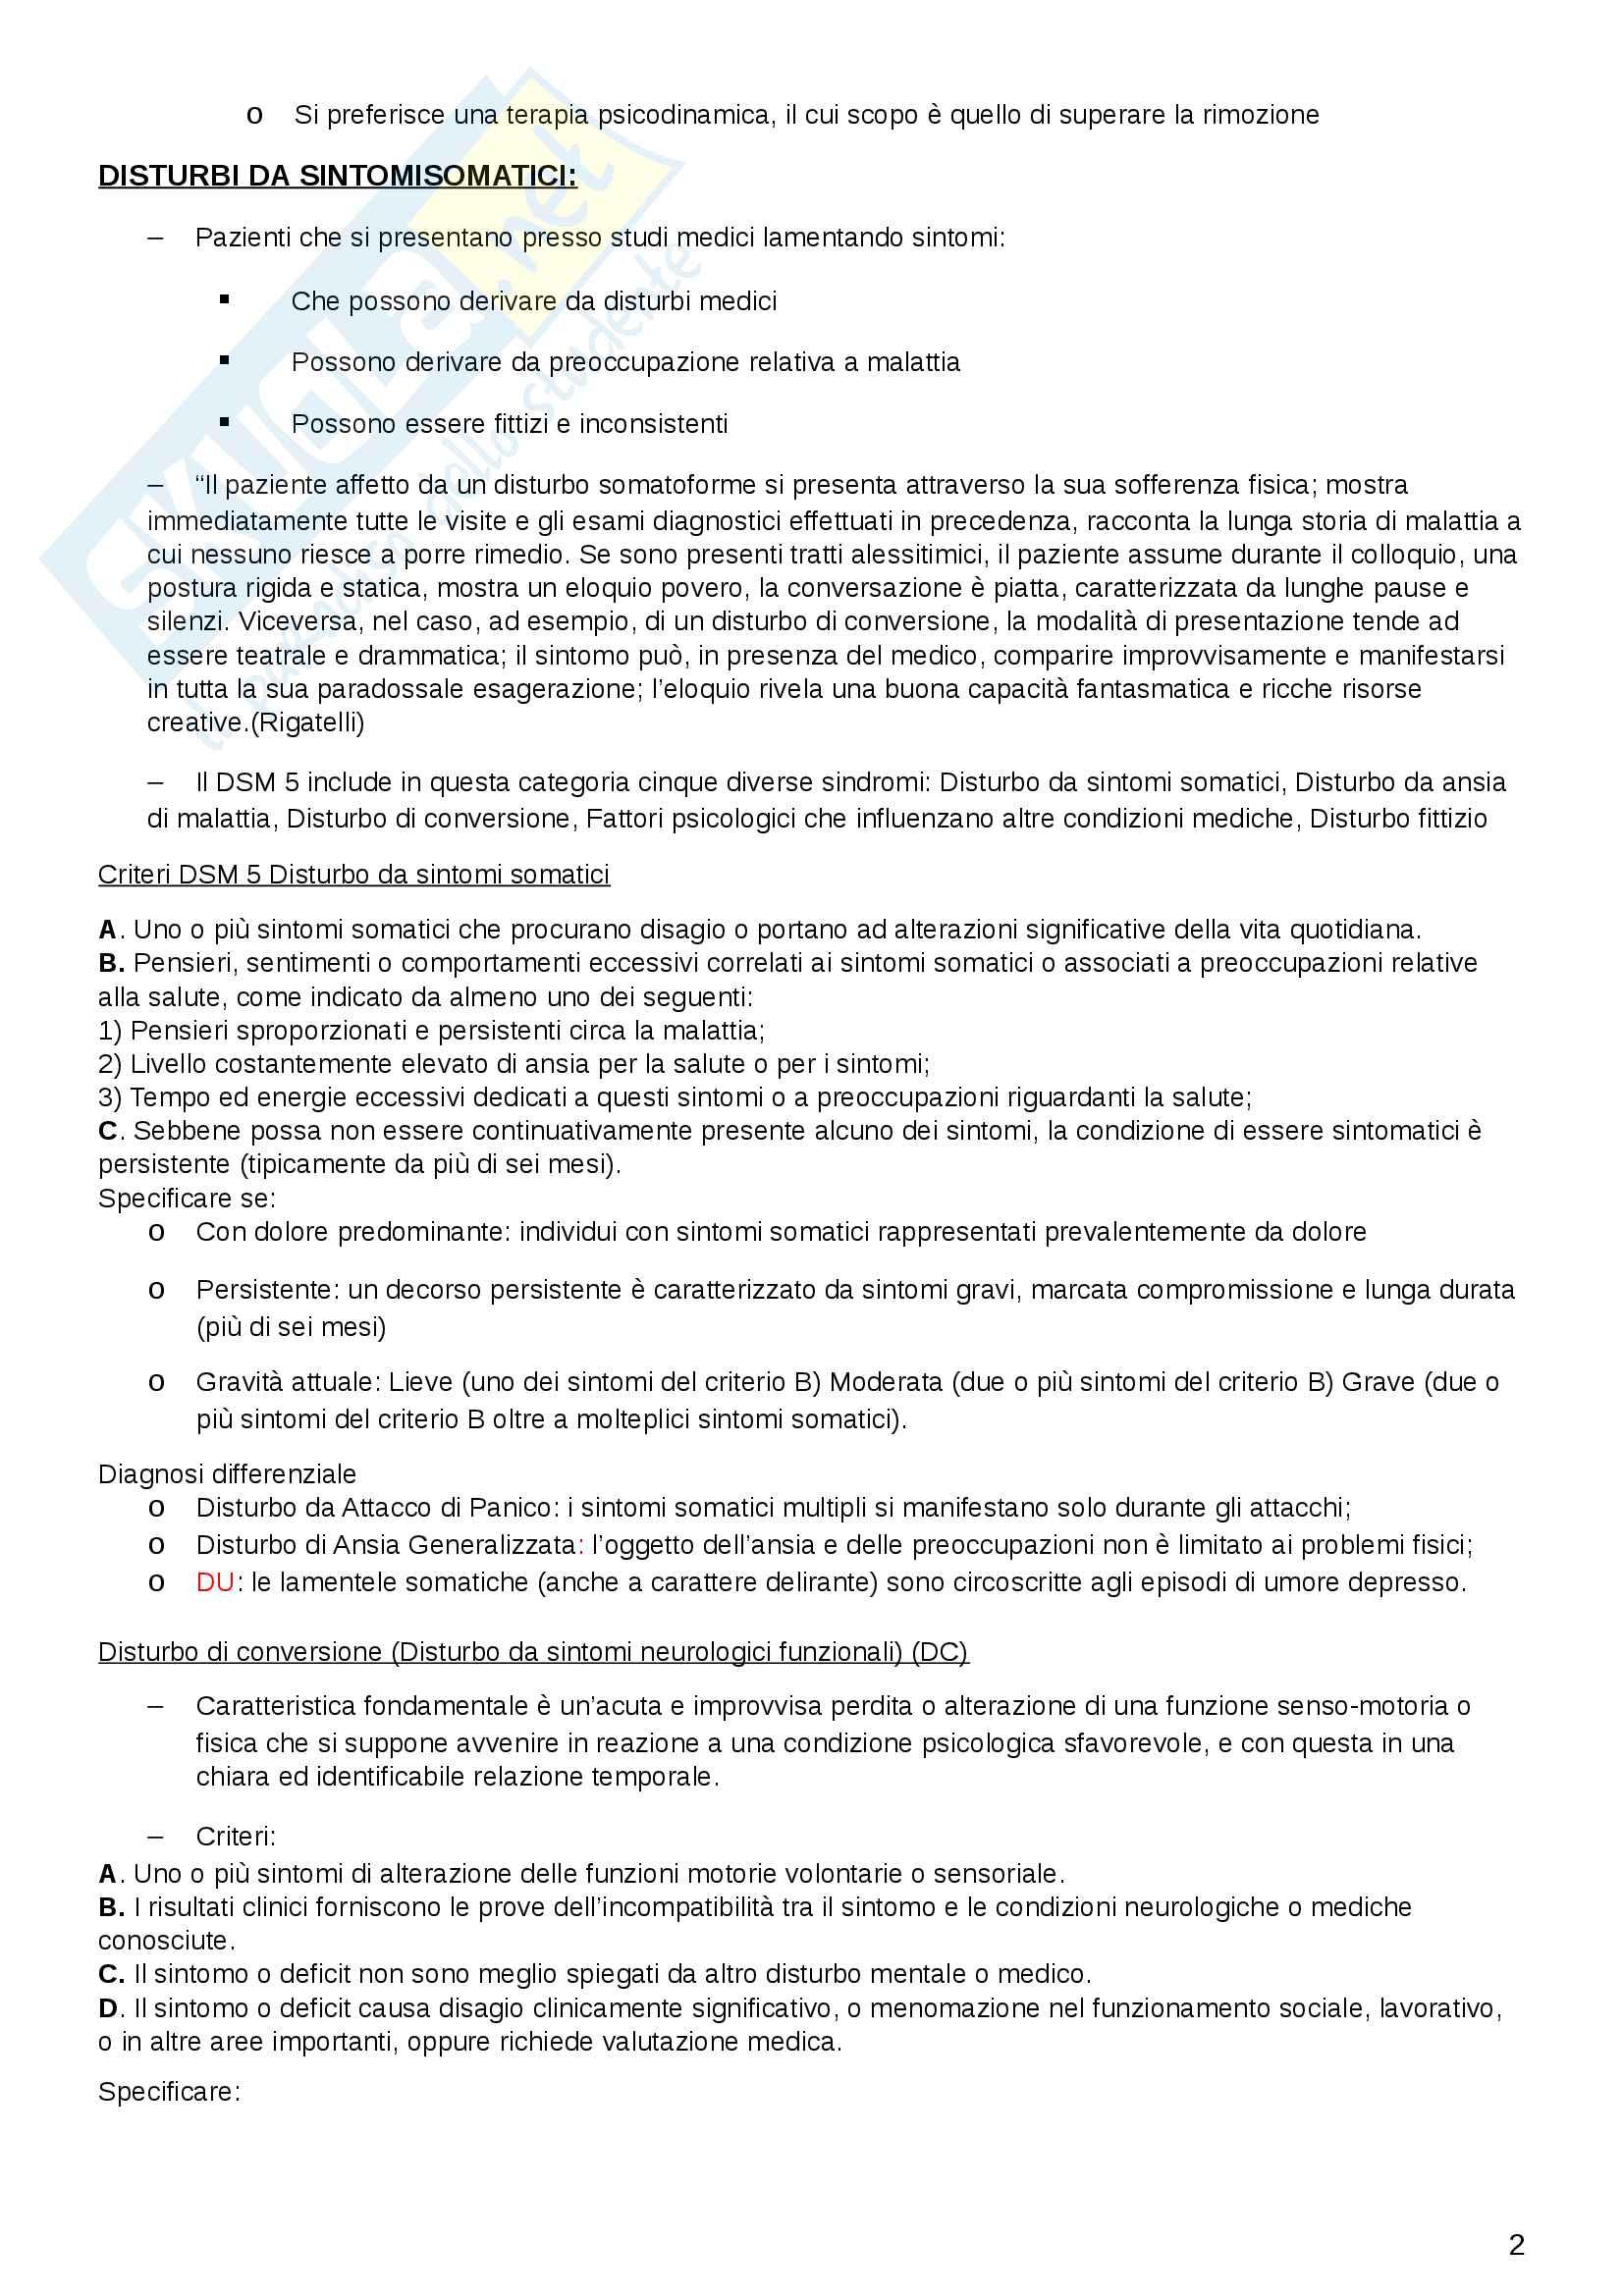 Riassunto DSM-V: disturbi e criteri Pag. 2